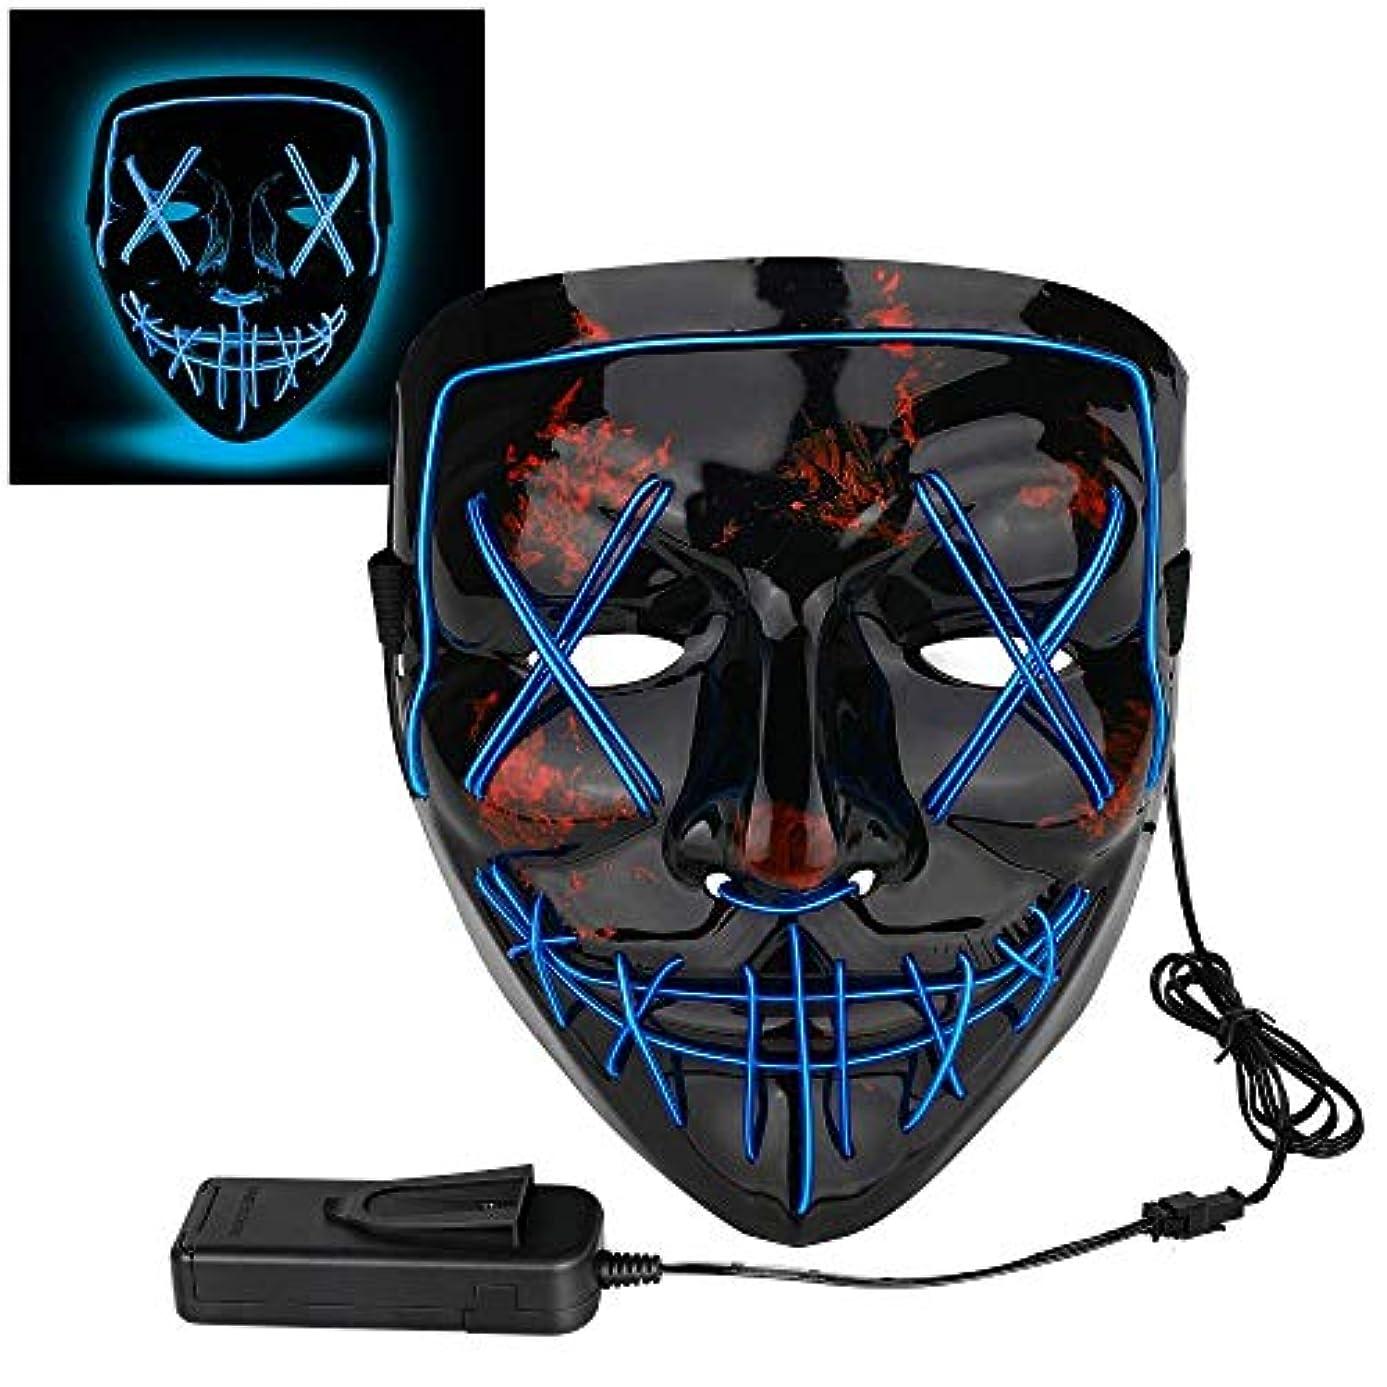 影響する不振挨拶する休日のロールプレイングハロウィーンコスチュームパーティーマスク(1個)の明確な選挙の時代から、暗闇で輝くロールプレイングLEDライトマスク、衣料品,Blue